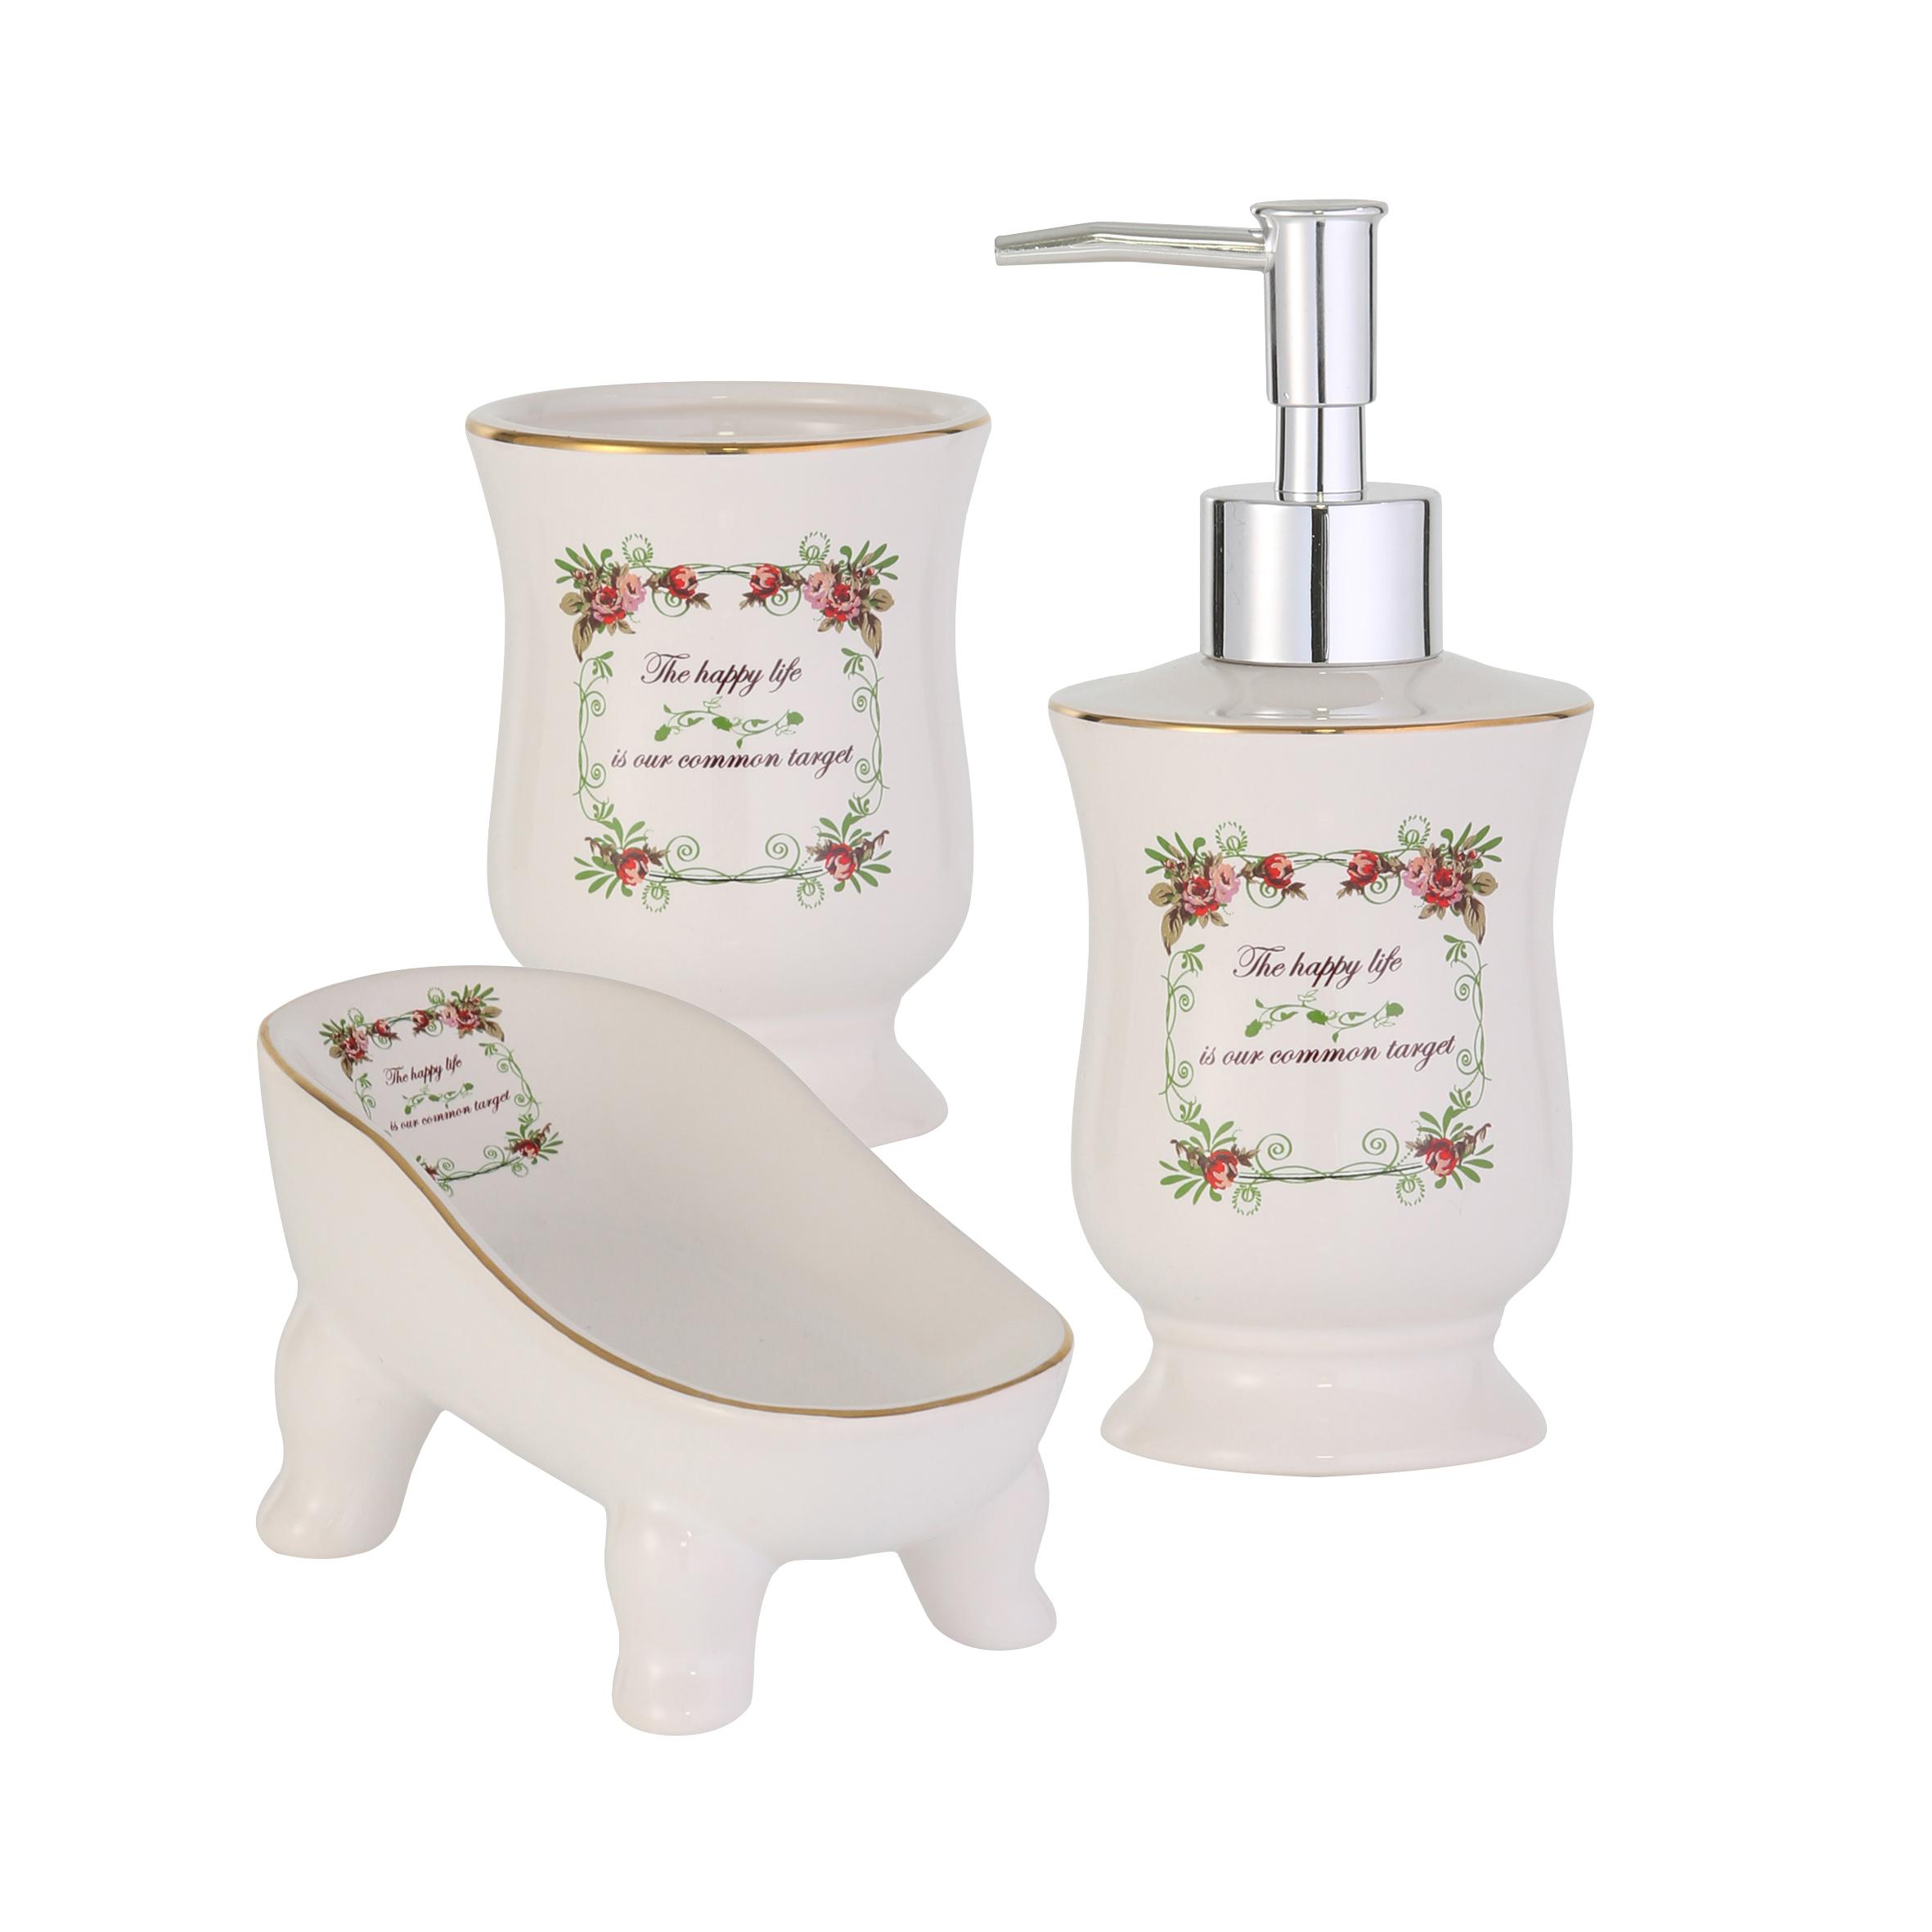 Набор для ванной комнаты Axentia, 3 предмета122125Набор для ванной комнаты Axentia, выполненный из натуральной и элегантной керамики, состоит из стакана для зубных щеток, дозатора для жидкого мыла и мыльницы. Изделия декорированы оригинальным принтом в стиле Прованс. Аксессуары, входящие в набор Axentia, выполняют не только практическую, но и декоративную функцию. Они способны внести в помещение изысканность, сделать пребывание в нем приятным и даже незабываемым.